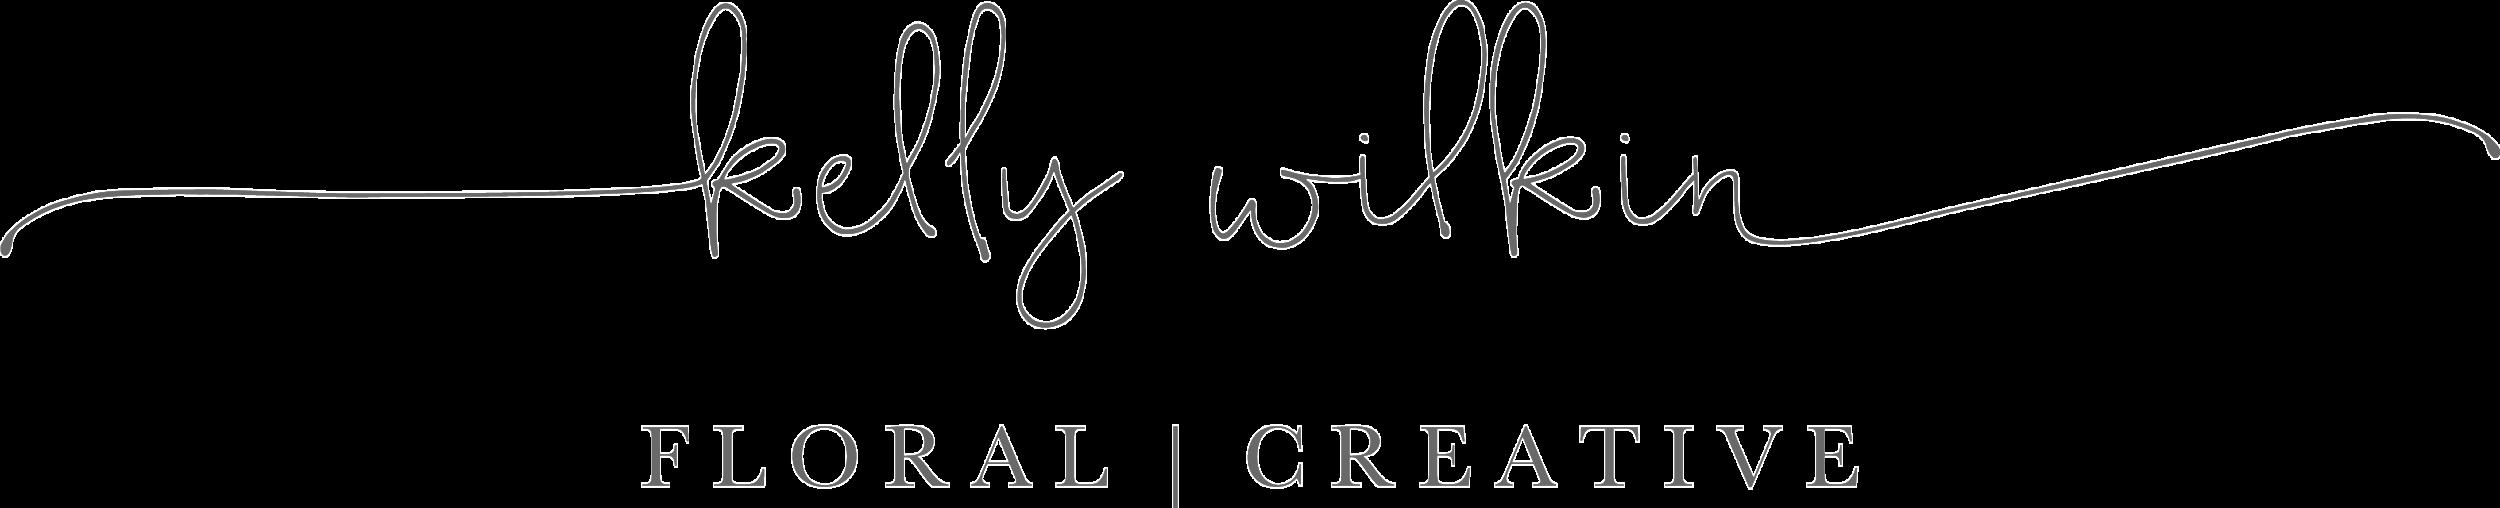 kelly-wilkin-logo.png